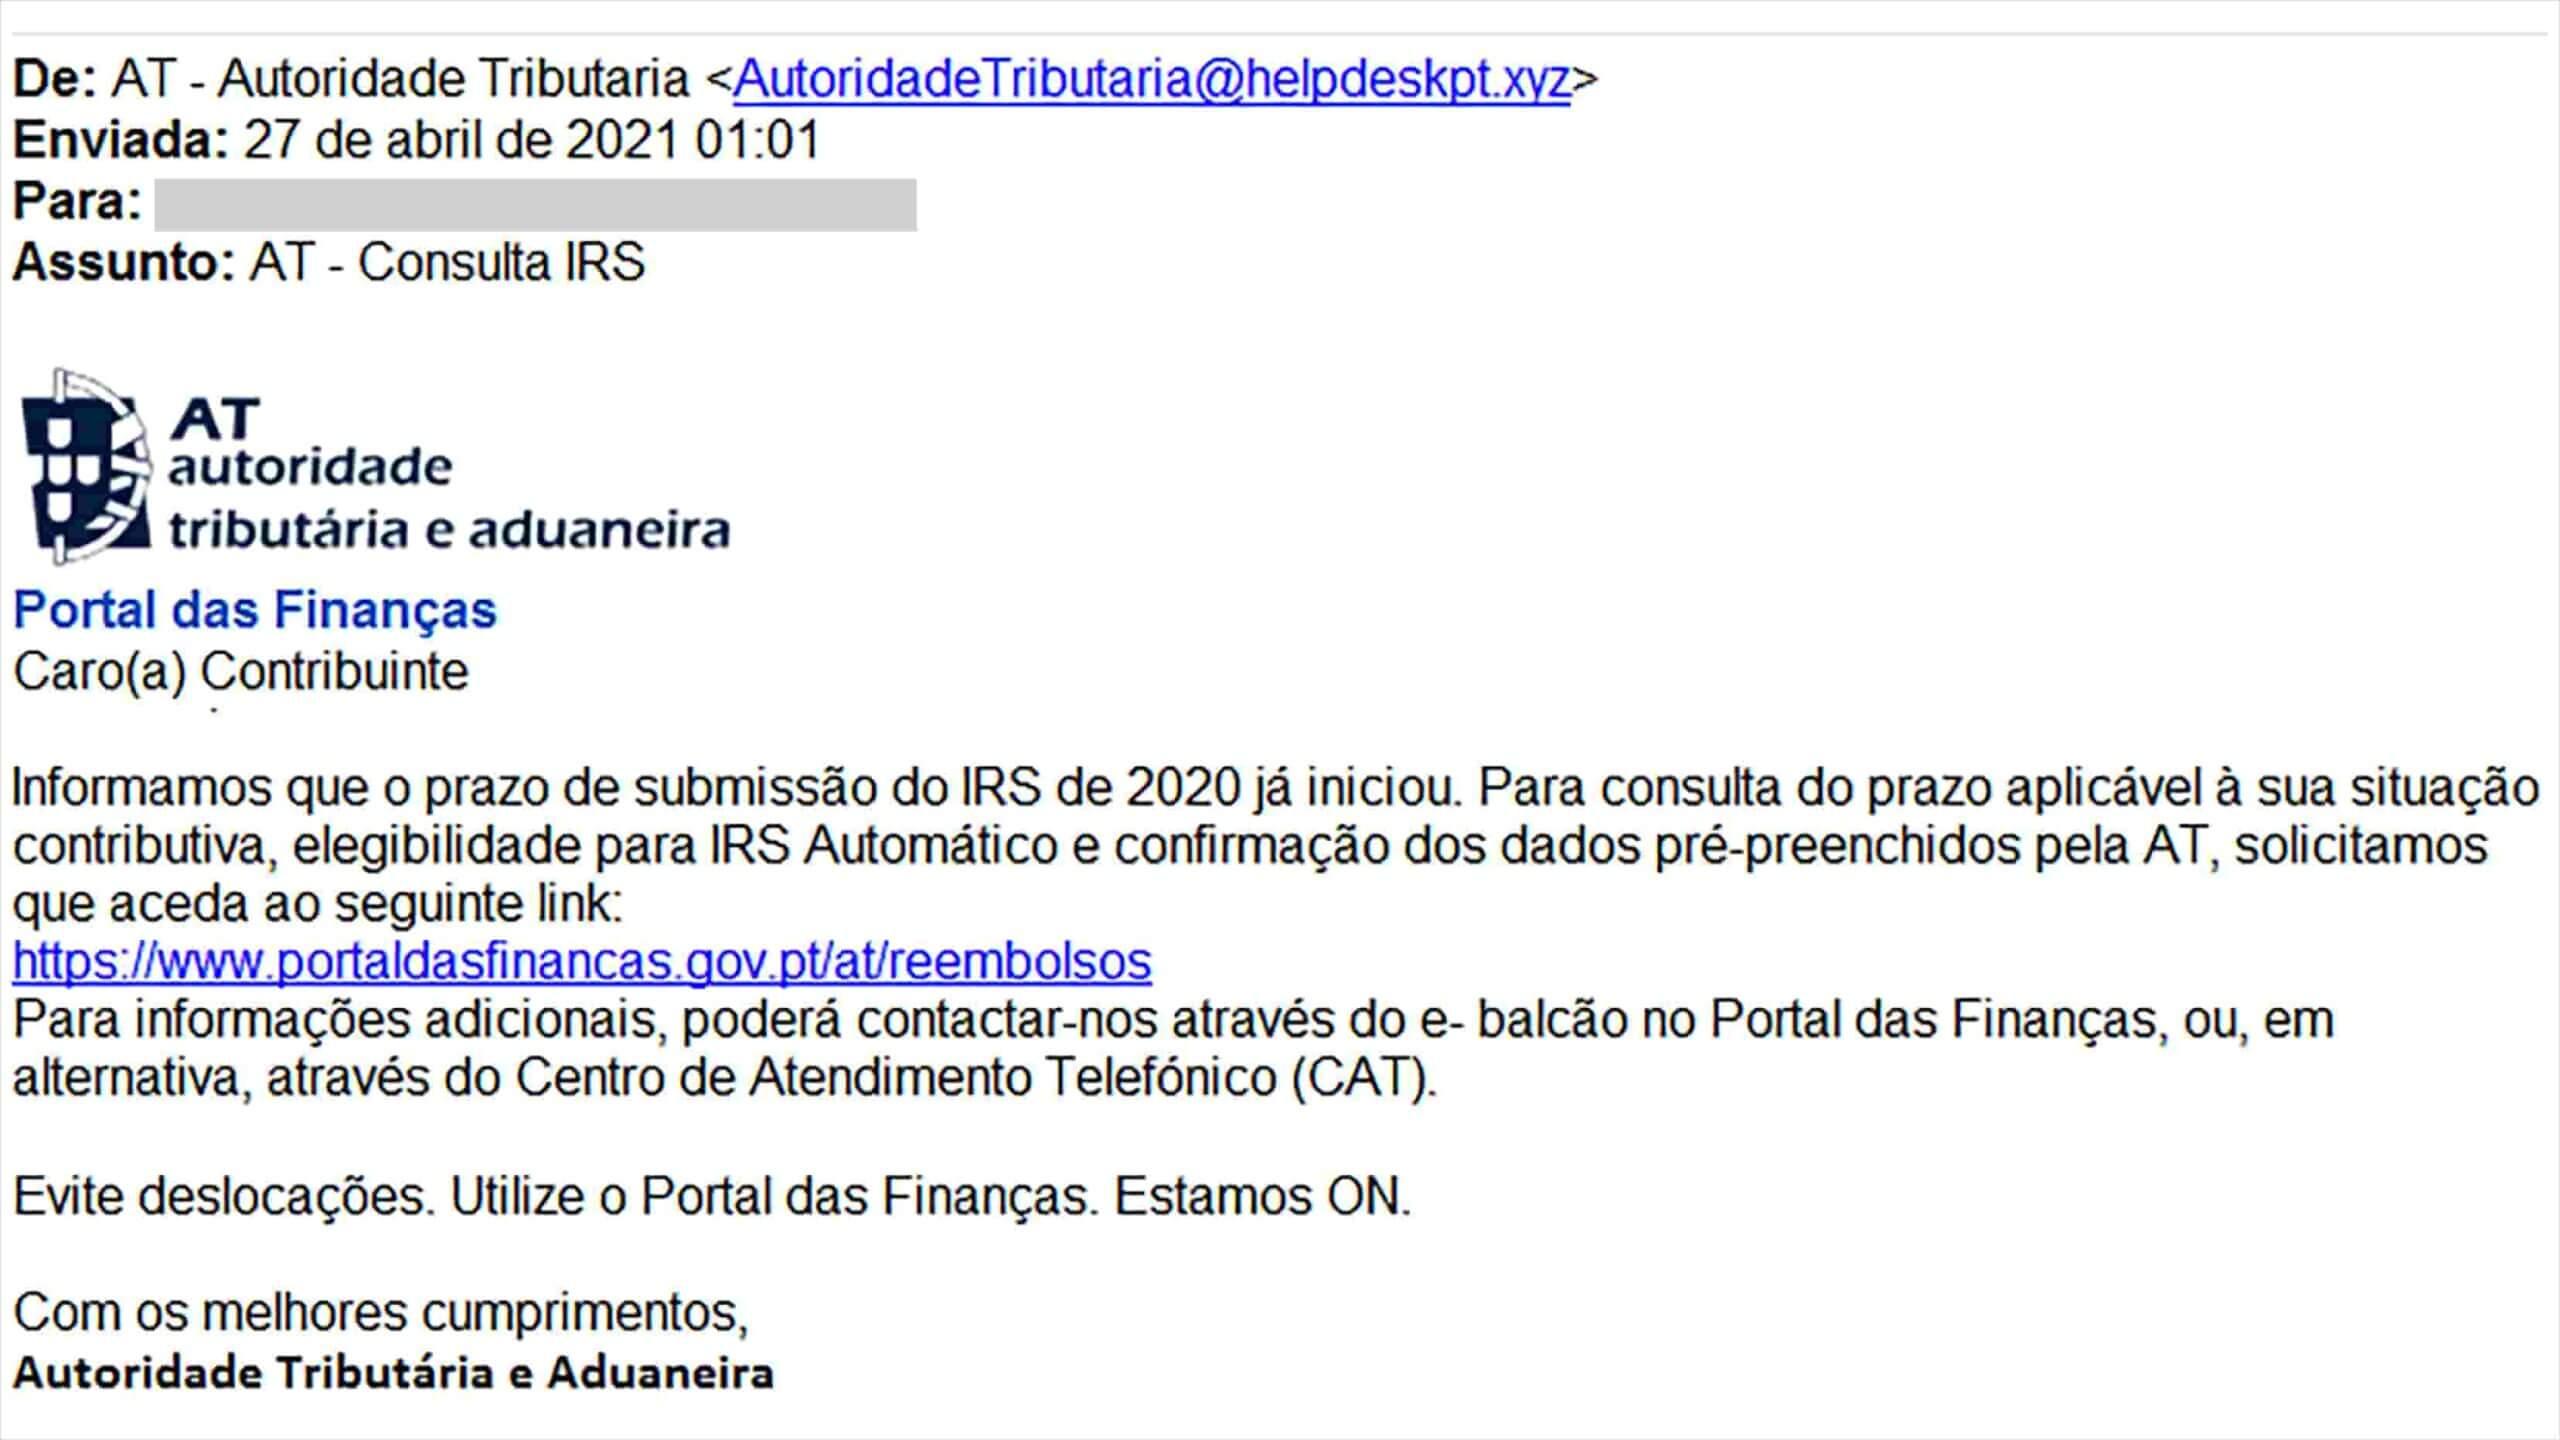 malware_android_update_netsegura